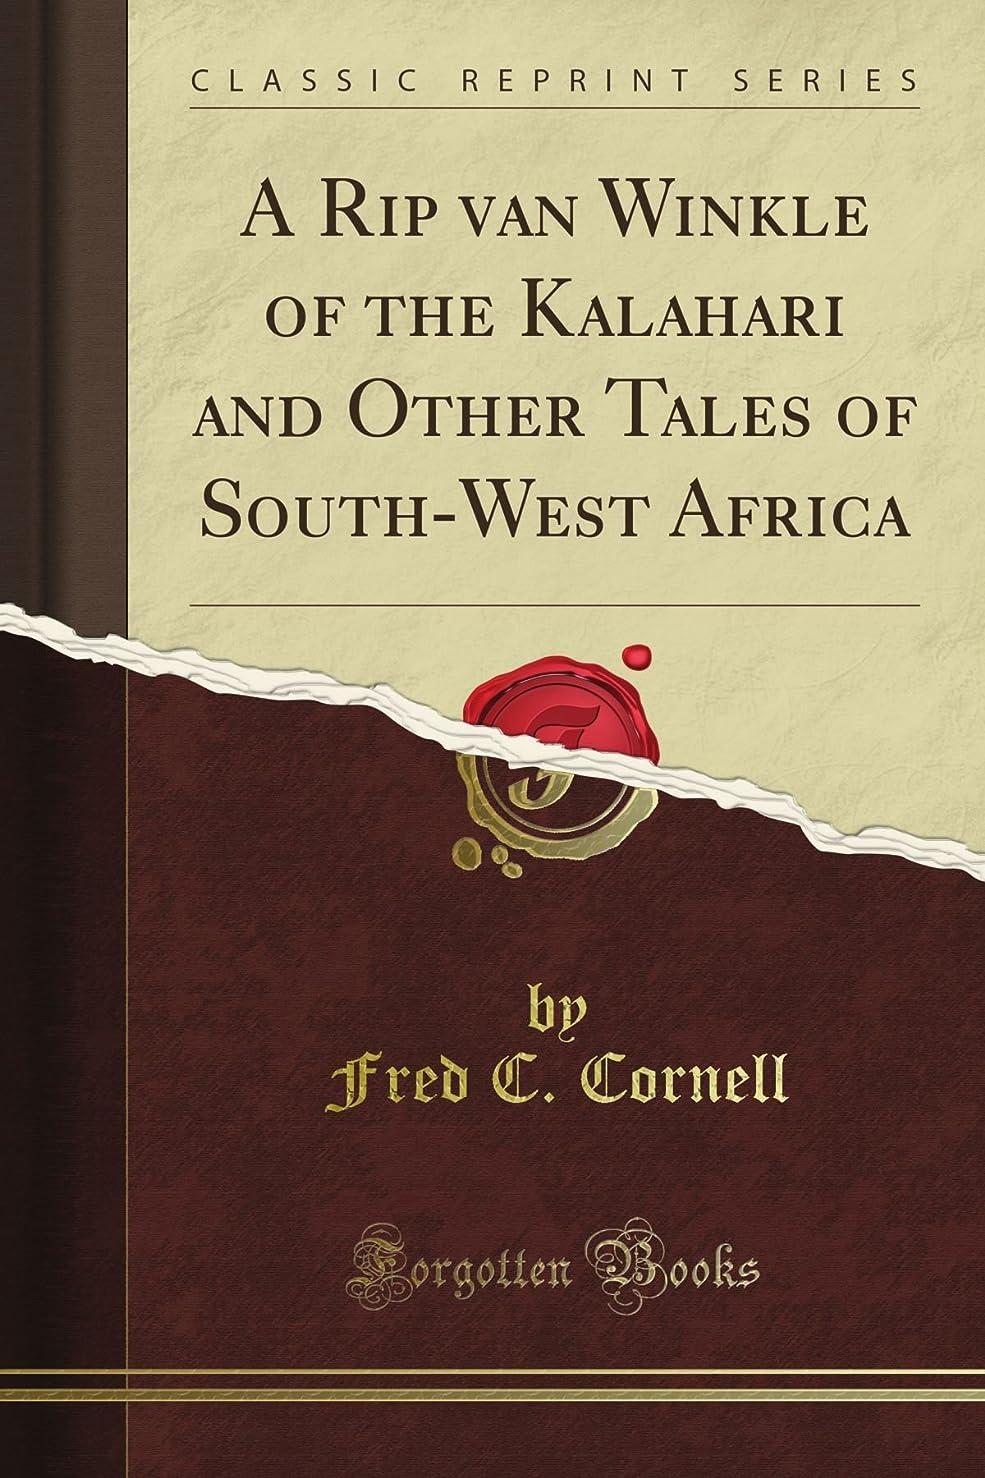 鎮痛剤模倣厚くするA Rip van Winkle of the Kalahari and Other Tales of South-West Africa (Classic Reprint)